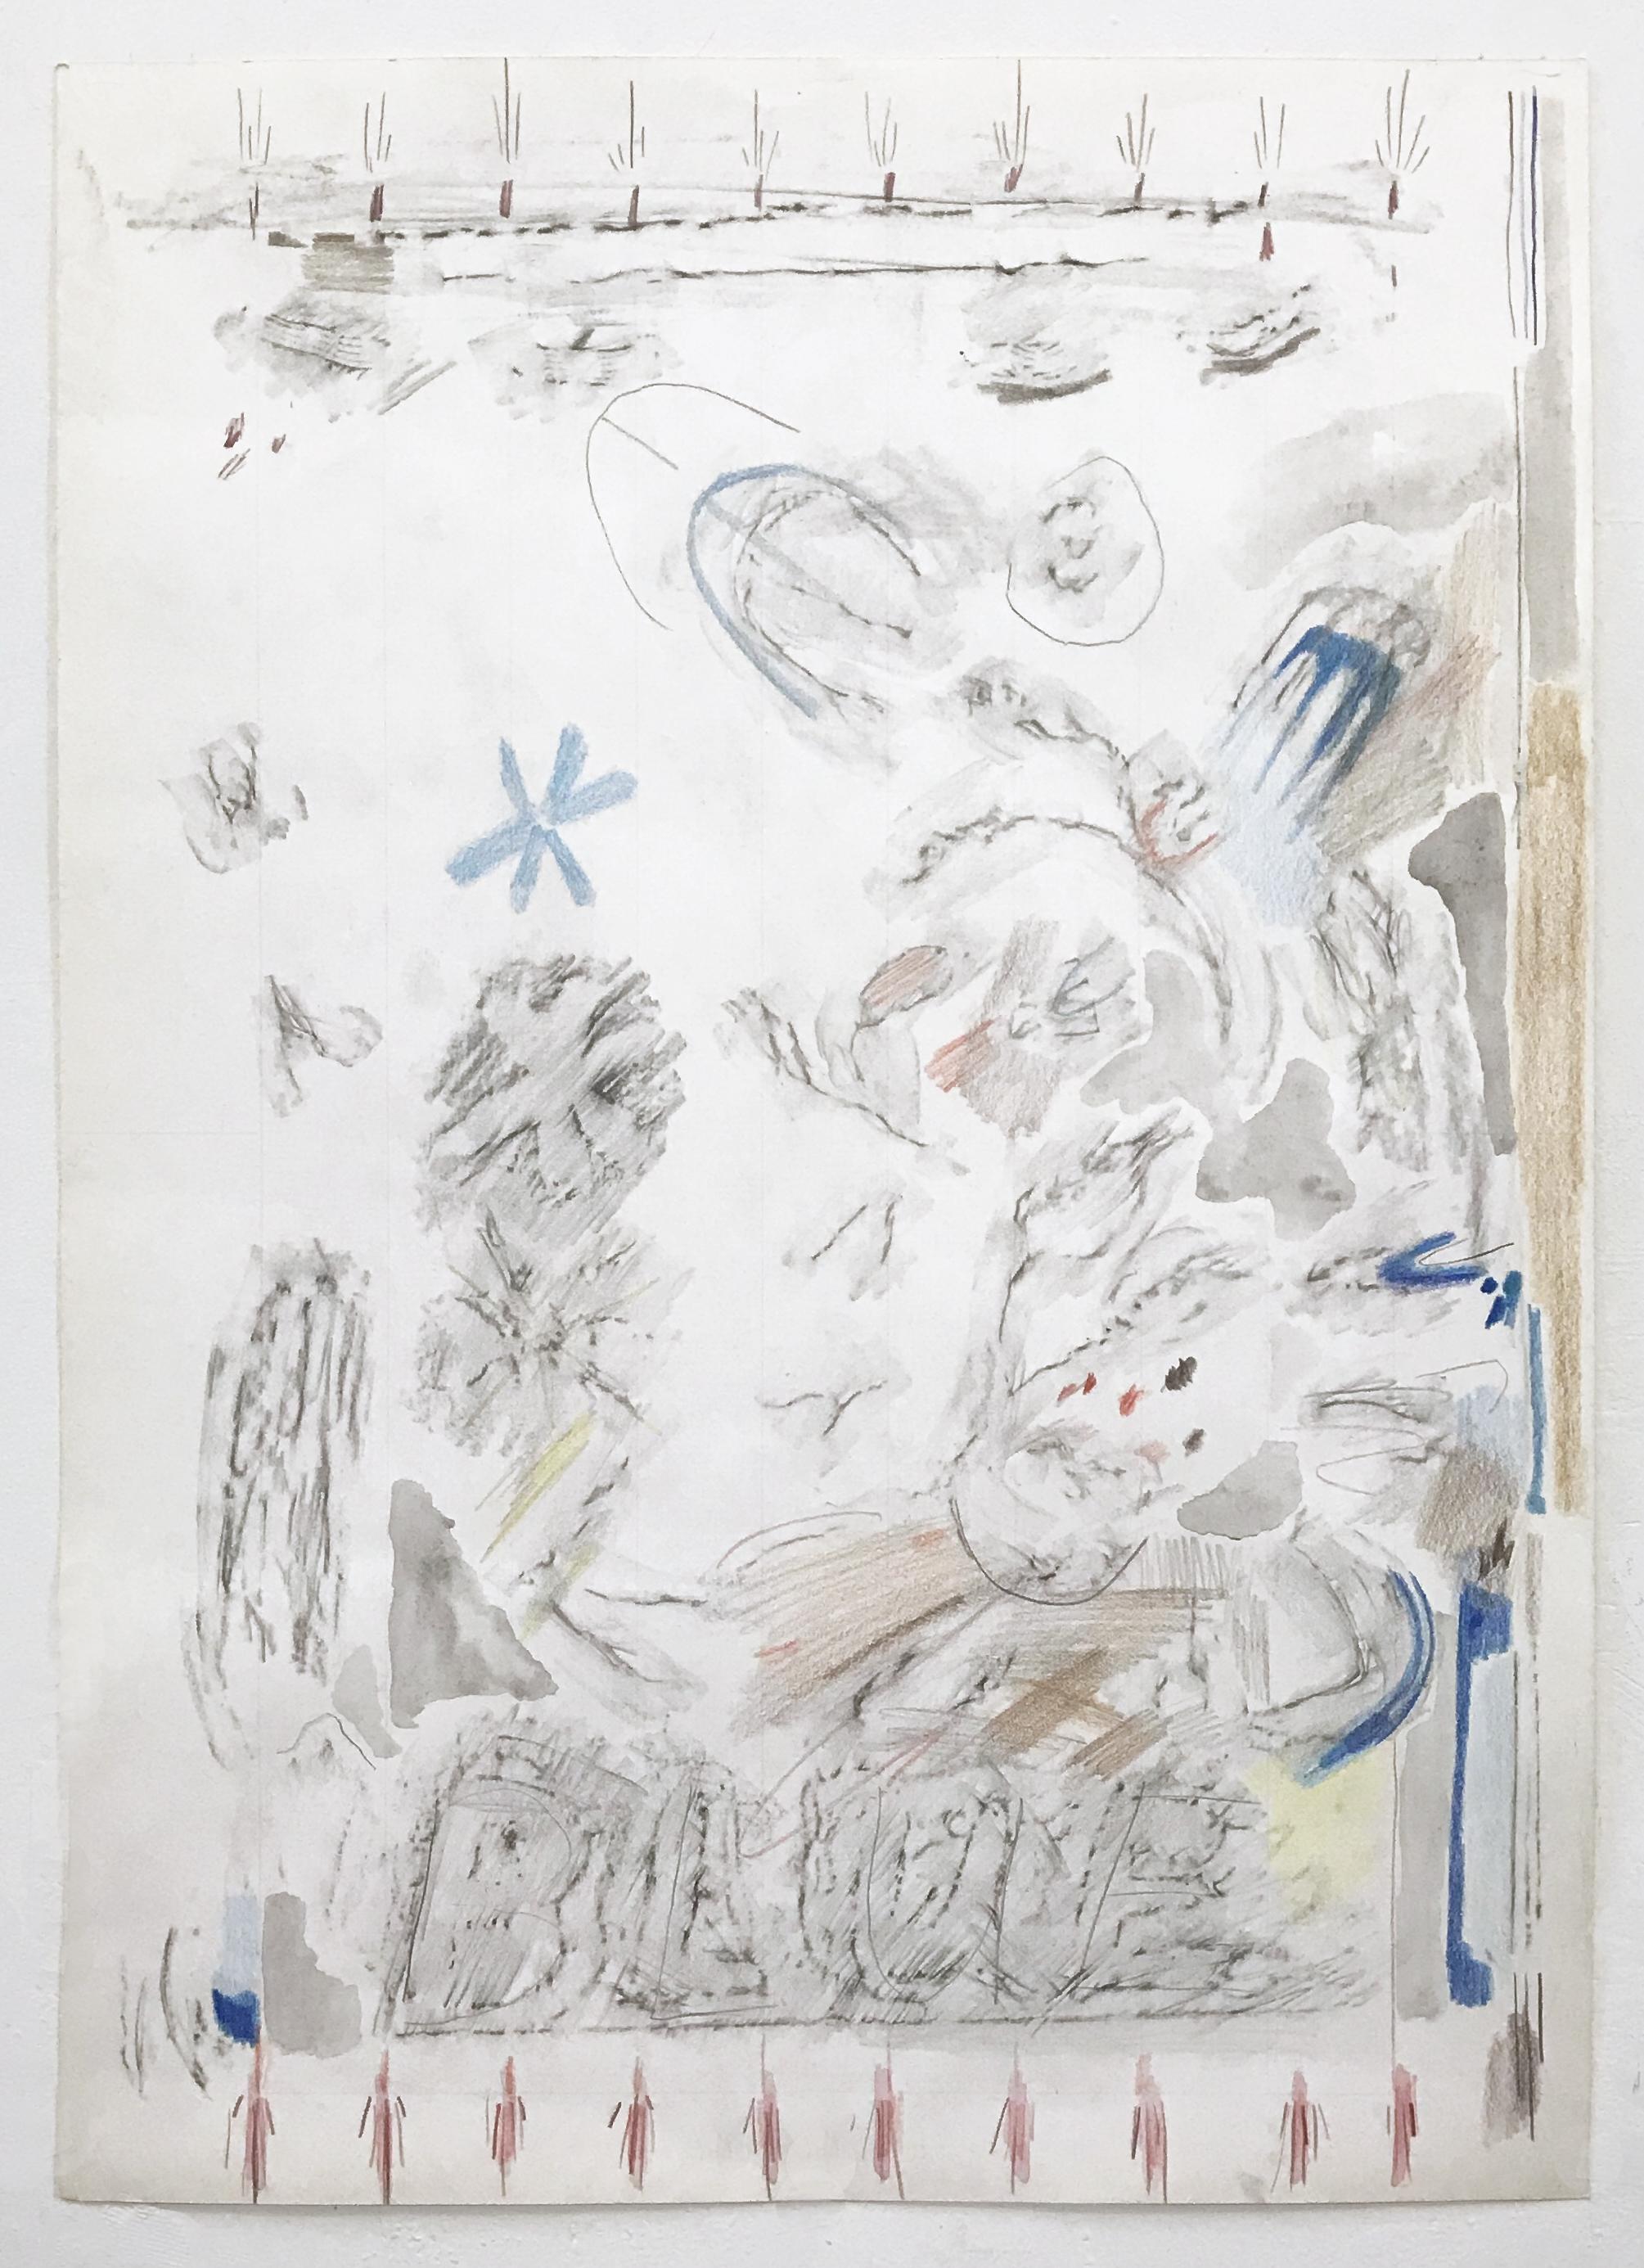 """Blue (Rubbing), 2018  Graphite, colored pencil, ink. 18x24"""""""